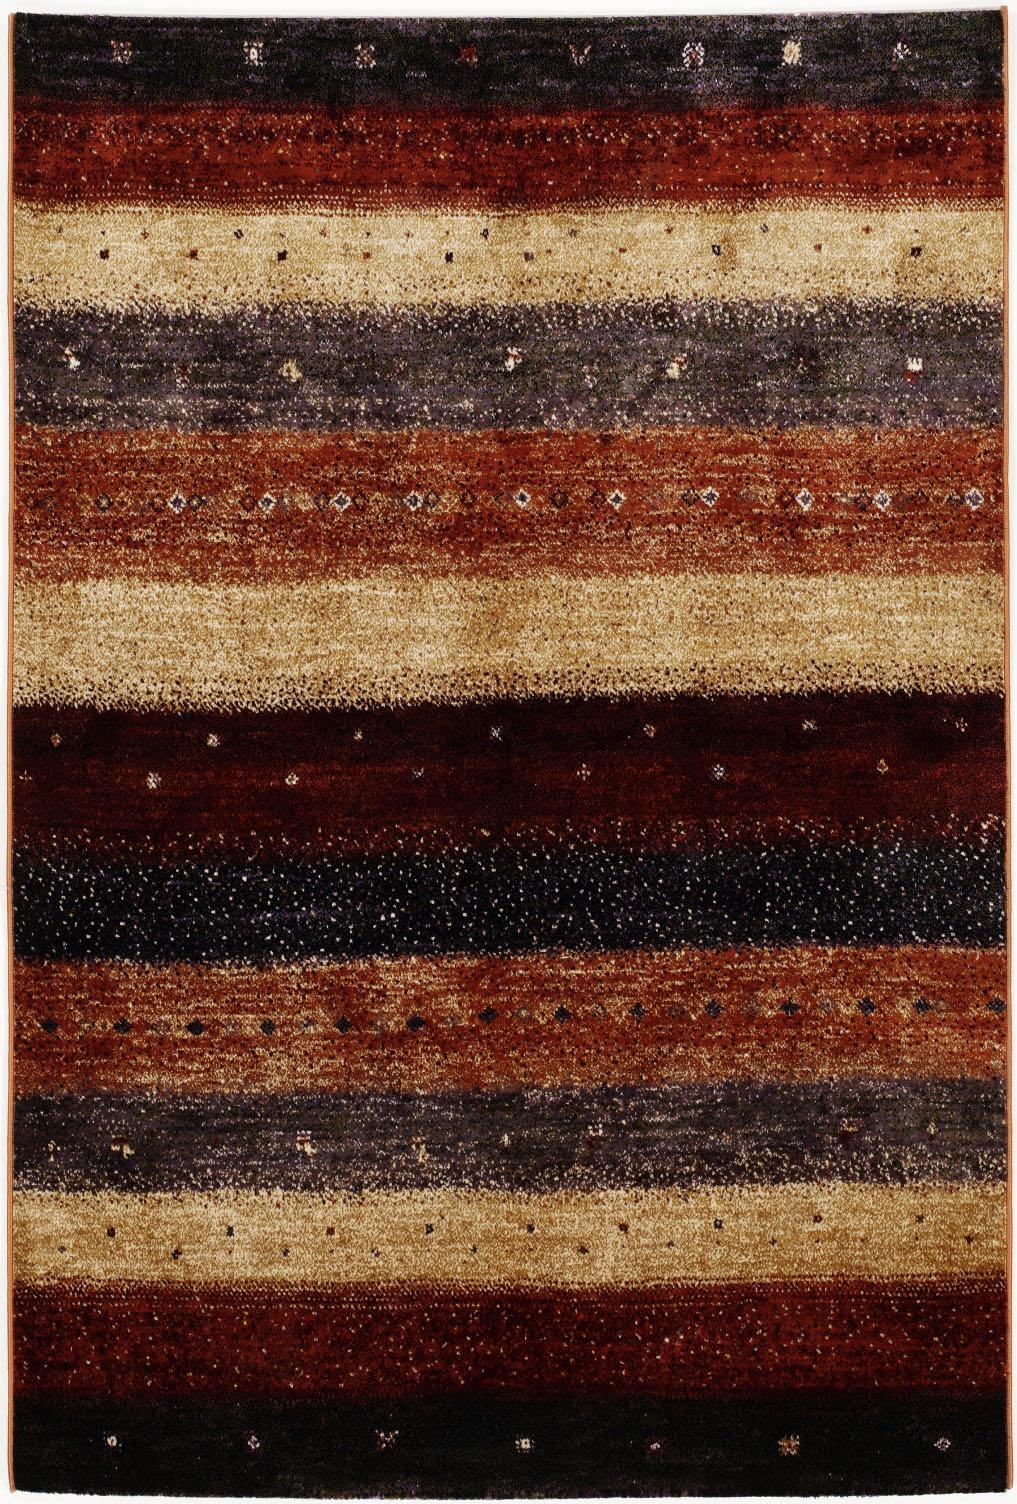 Teppich Megaglance Wito OCI DIE TEPPICHMARKE rechteckig Höhe 8 mm maschinell gewebt